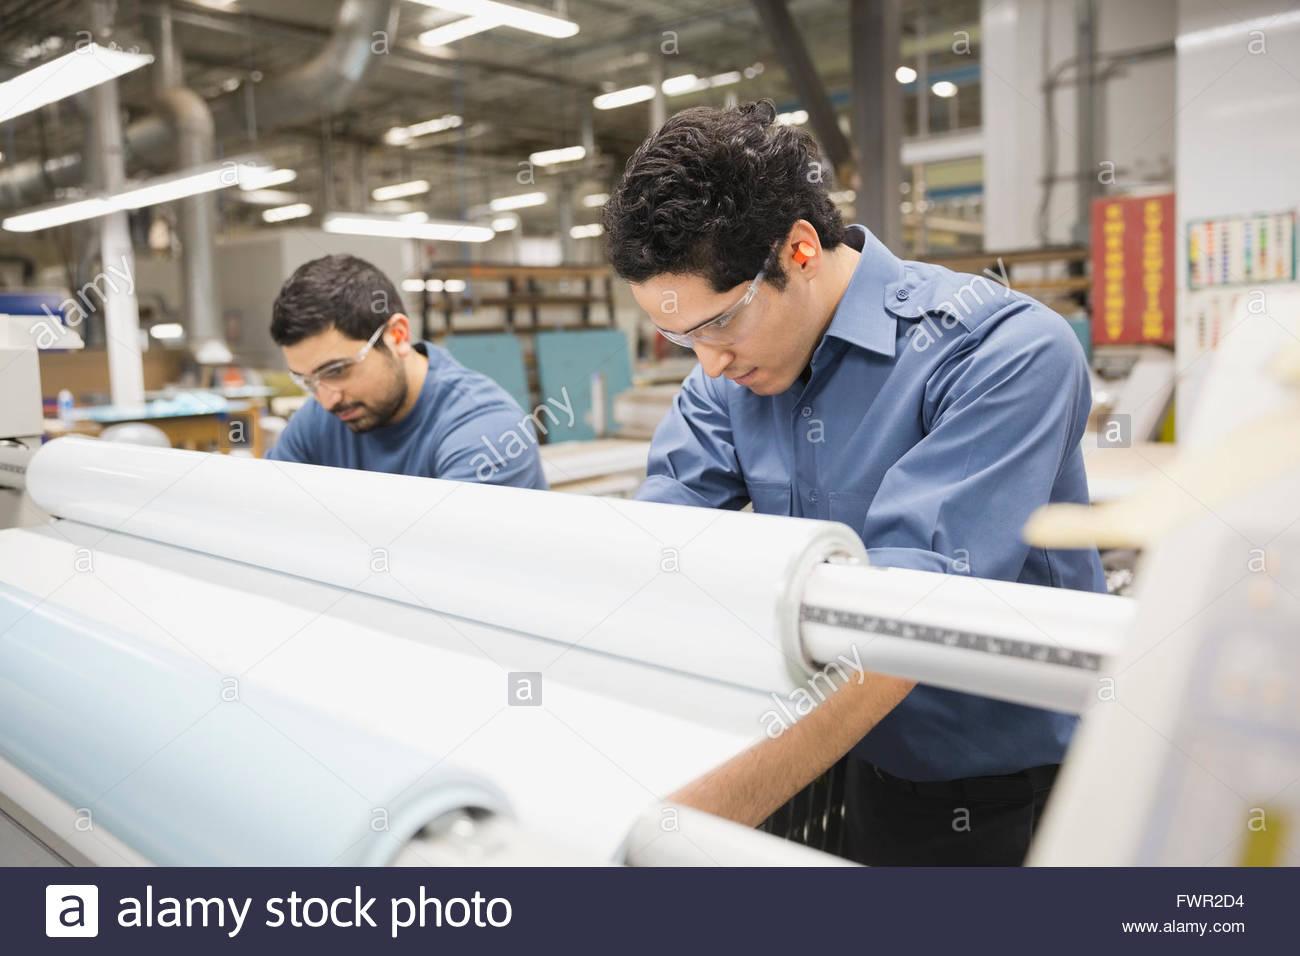 Lavoratori in metallo magazzino di fabbricazione Immagini Stock